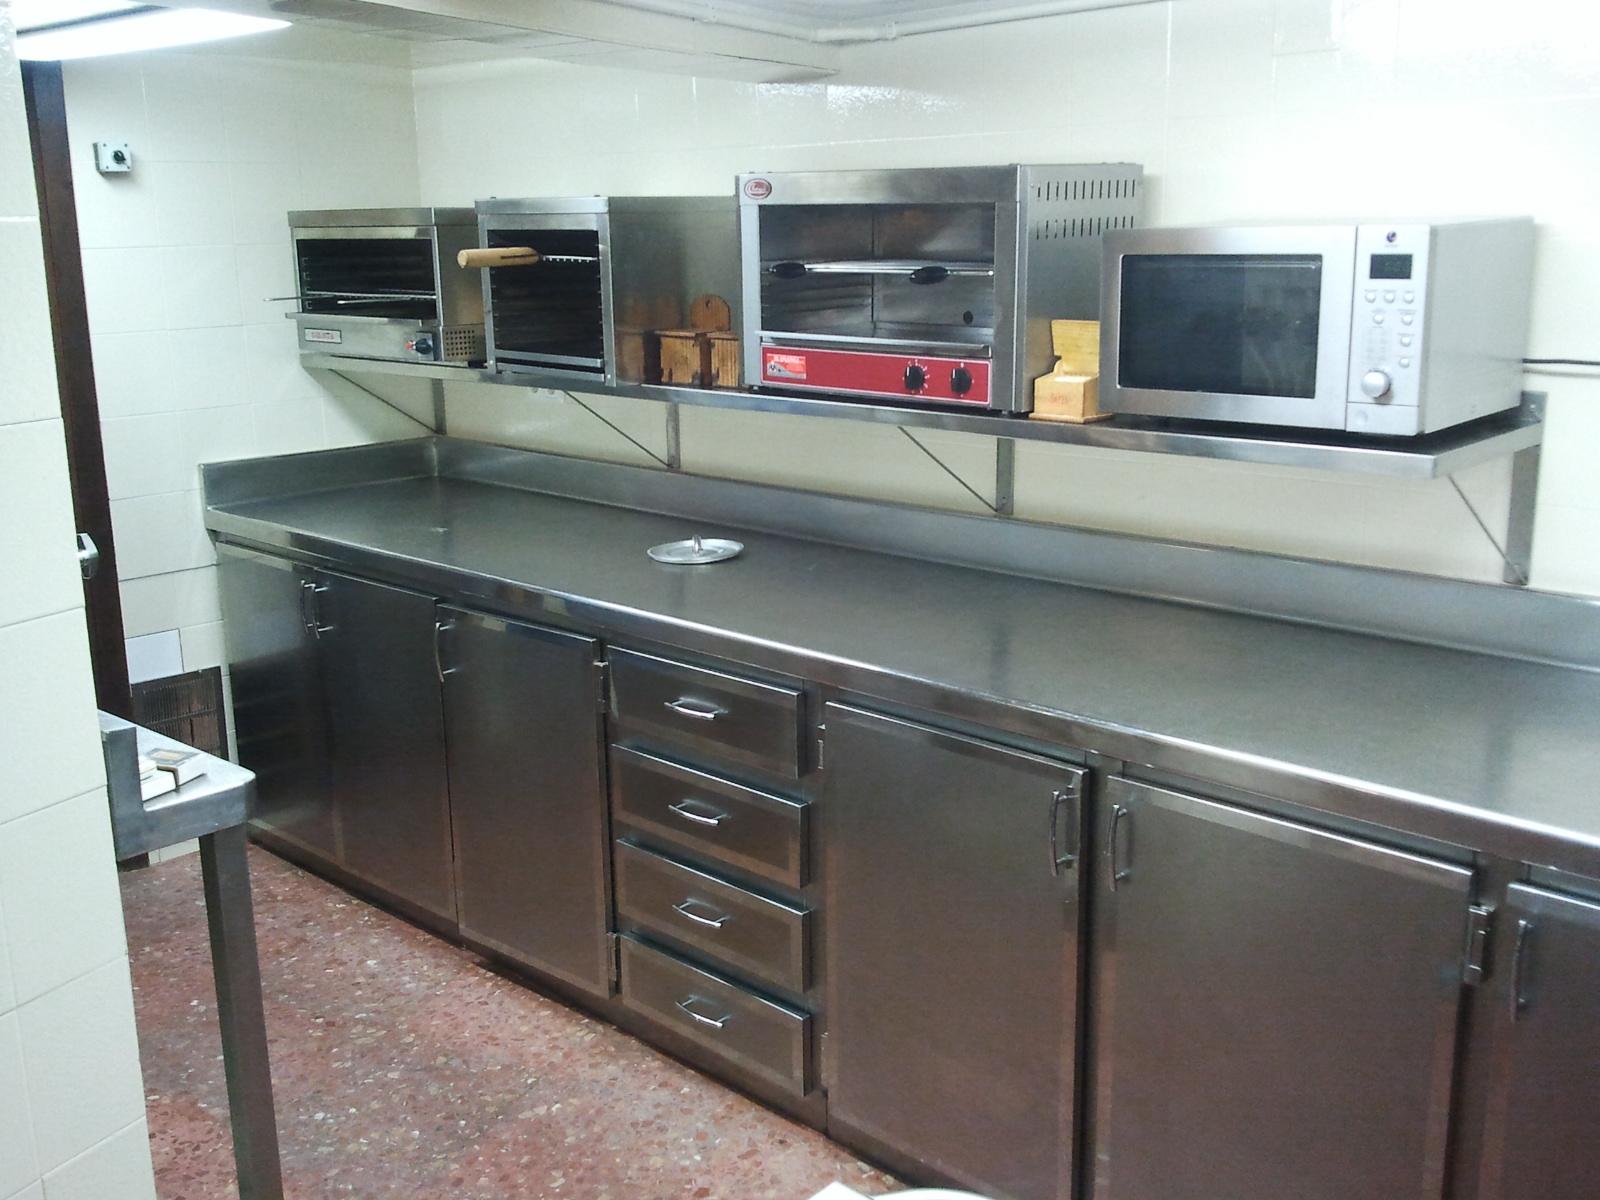 Muebles para cocina de acero inoxidable en mexico azarak - Muebles de cocina de acero inoxidable ...